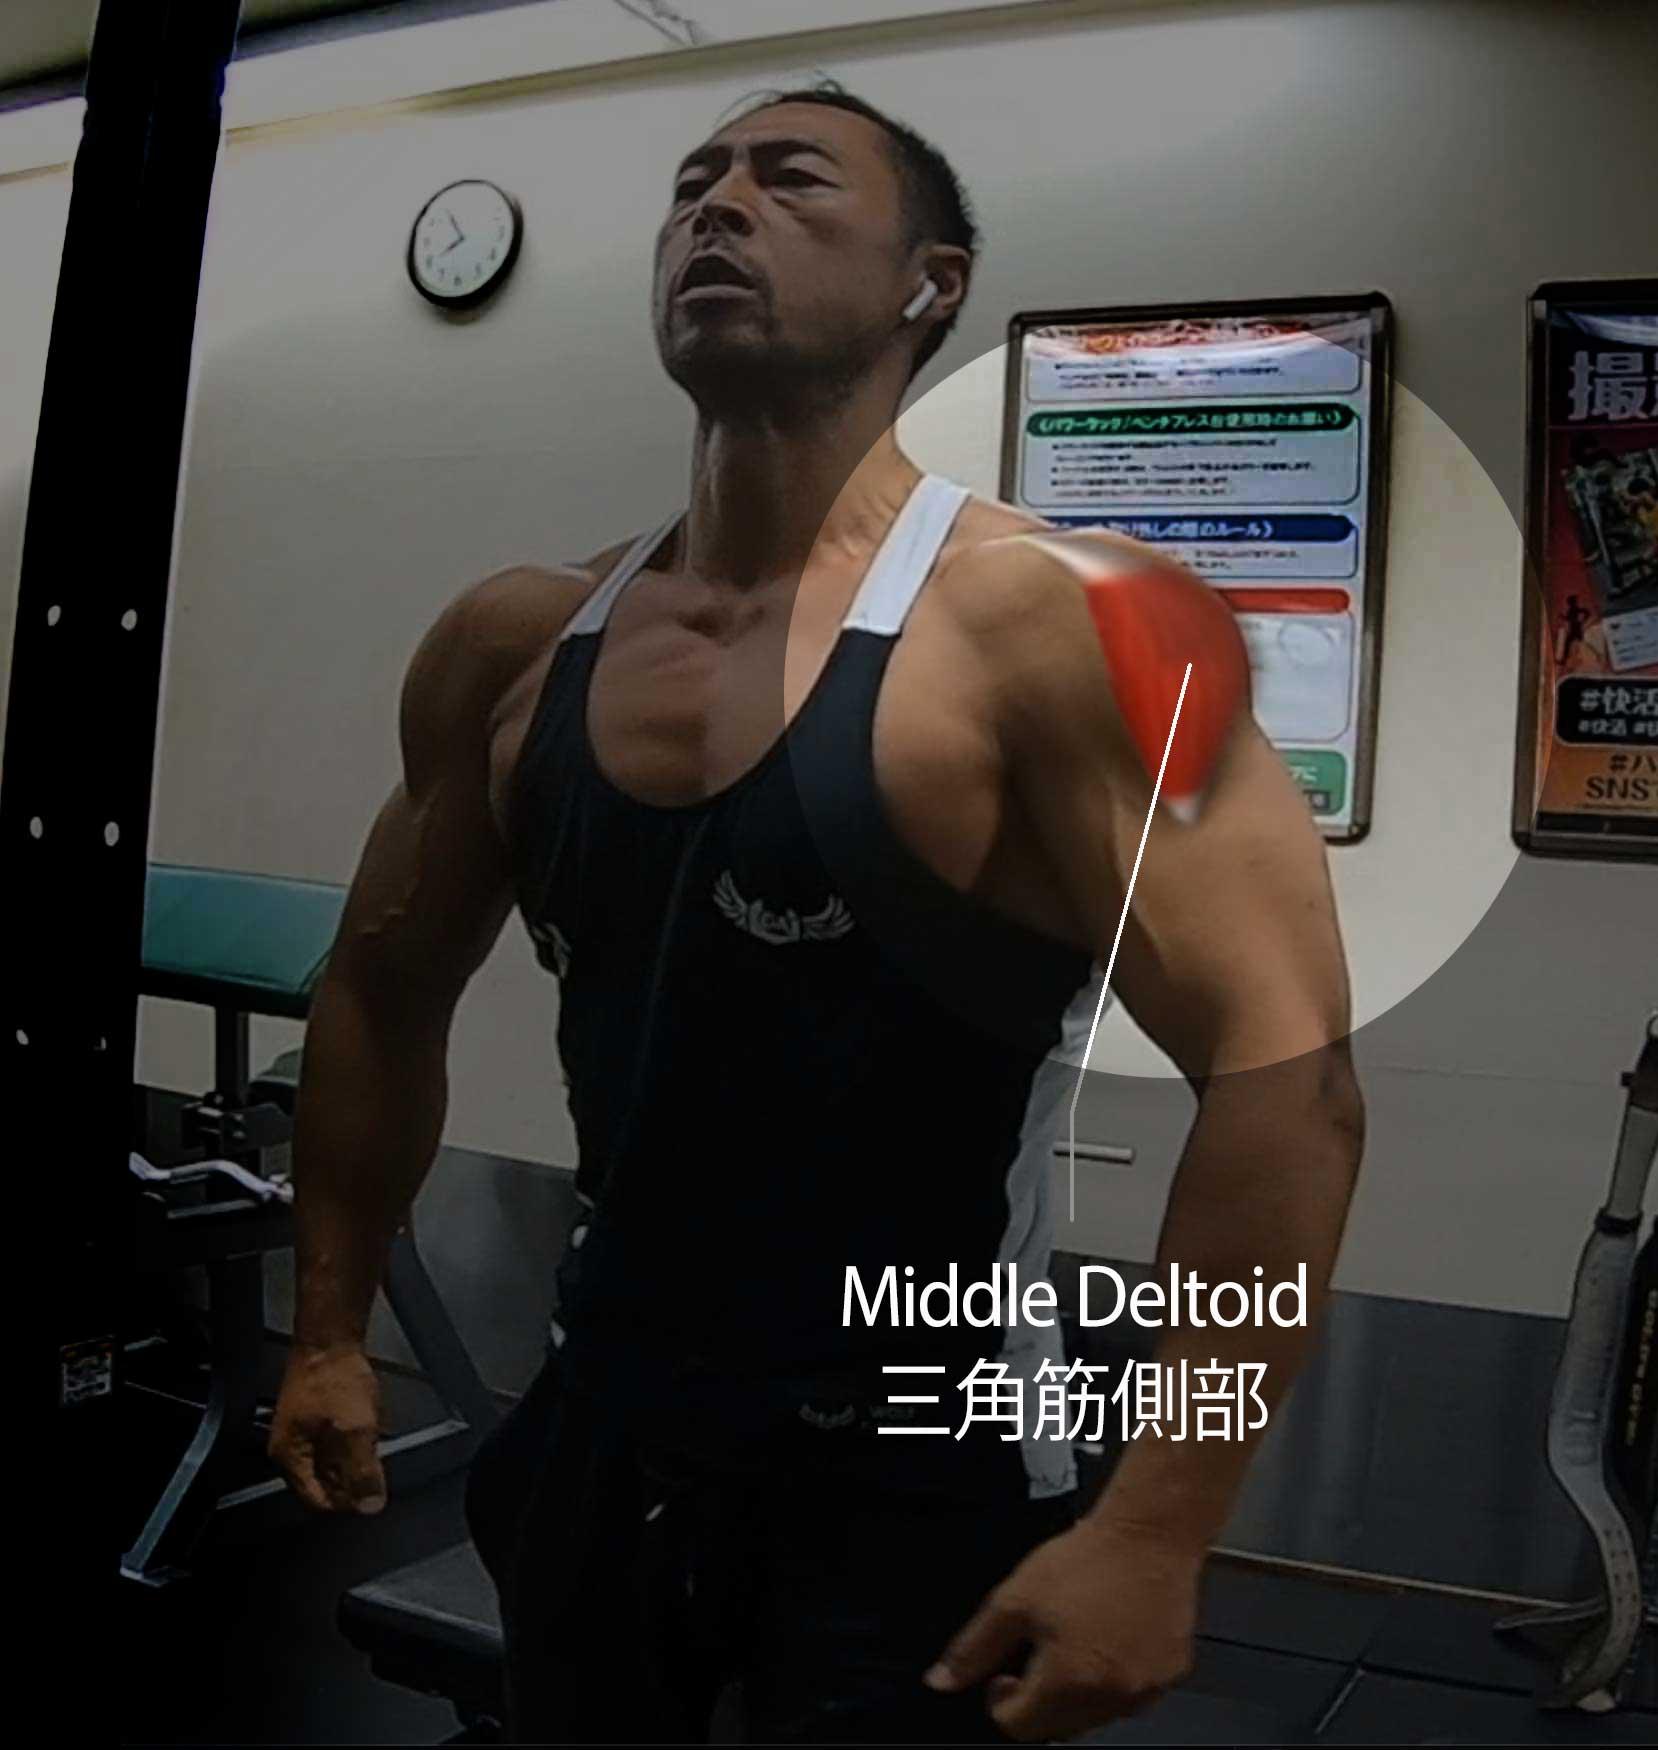 肩幅を作る。サイドレイズやケーブルサイドレイズのやり方とその違い